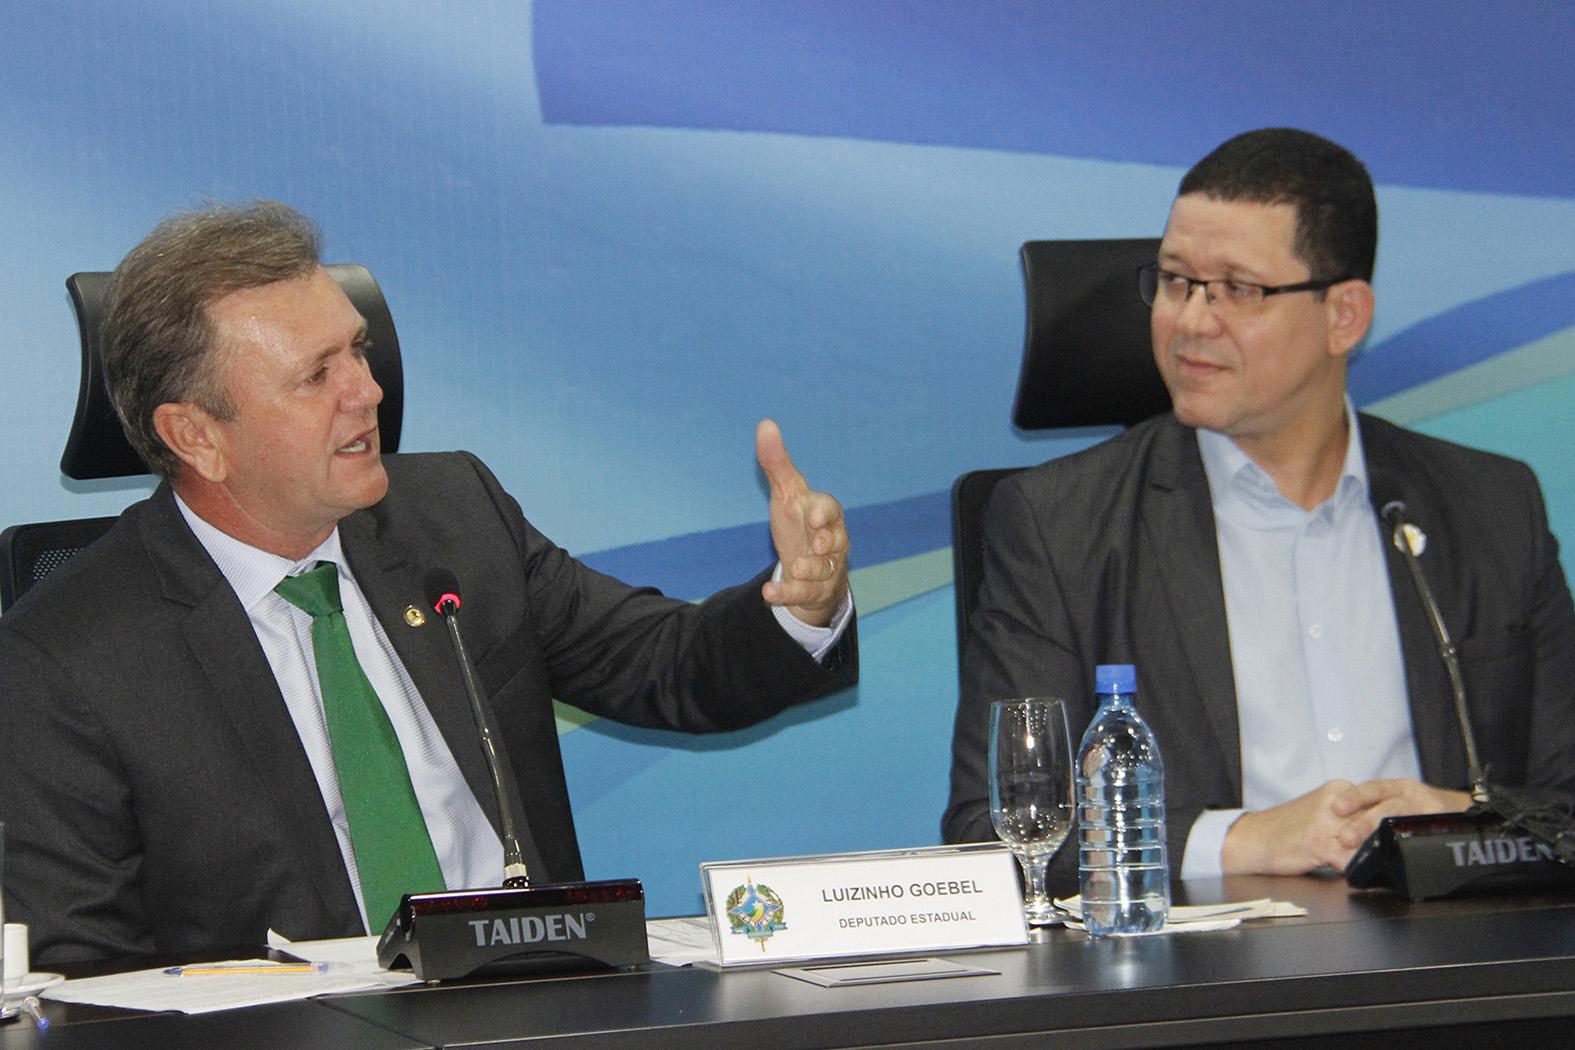 Goebel solicita do Governo que as vistorias de veículos sejam feitas pelo Detran/RO